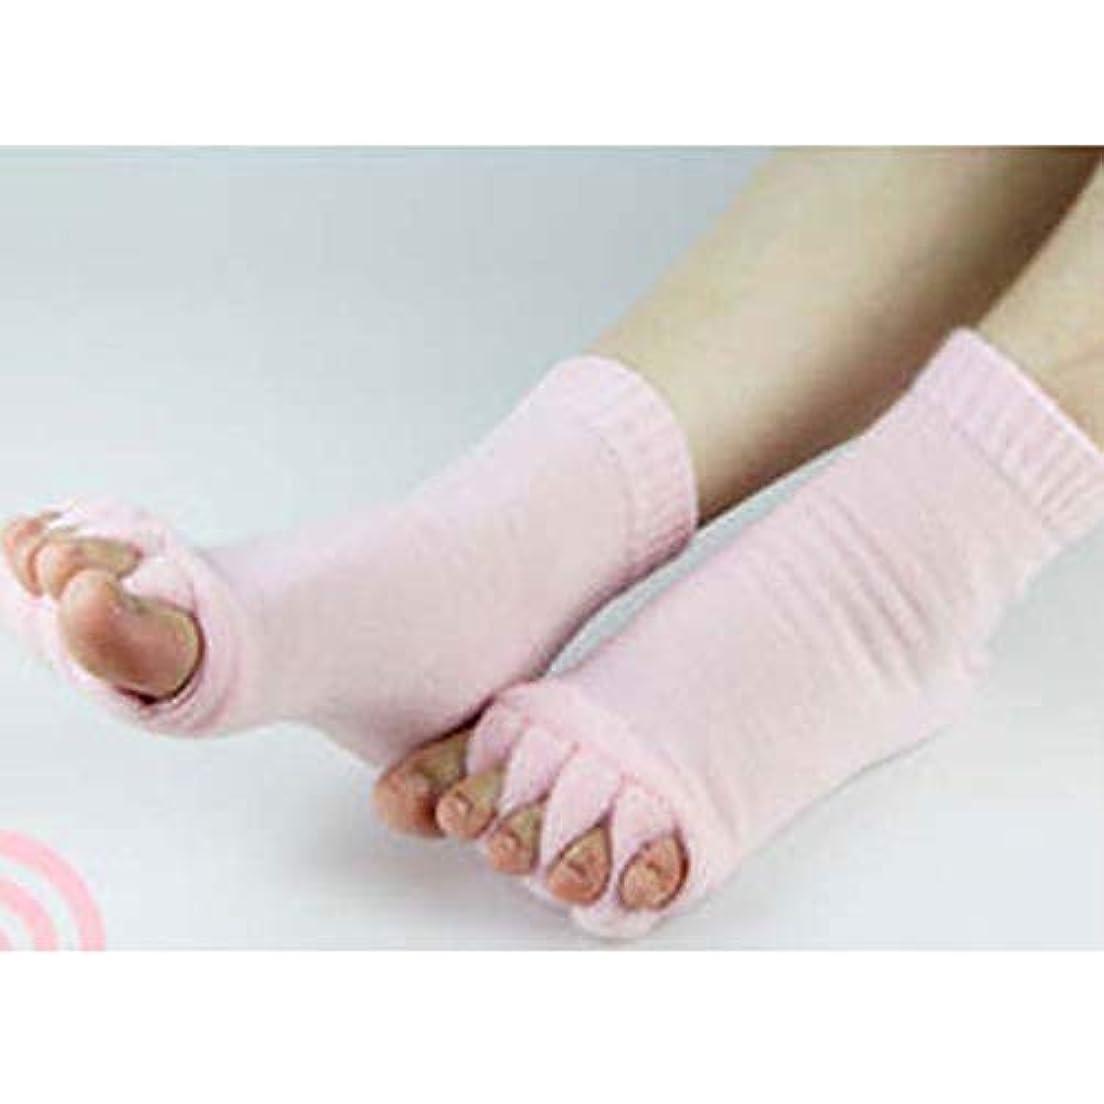 飛び込む販売員エンドテーブル足指スリーピングソックス 足指セラピー ピンク